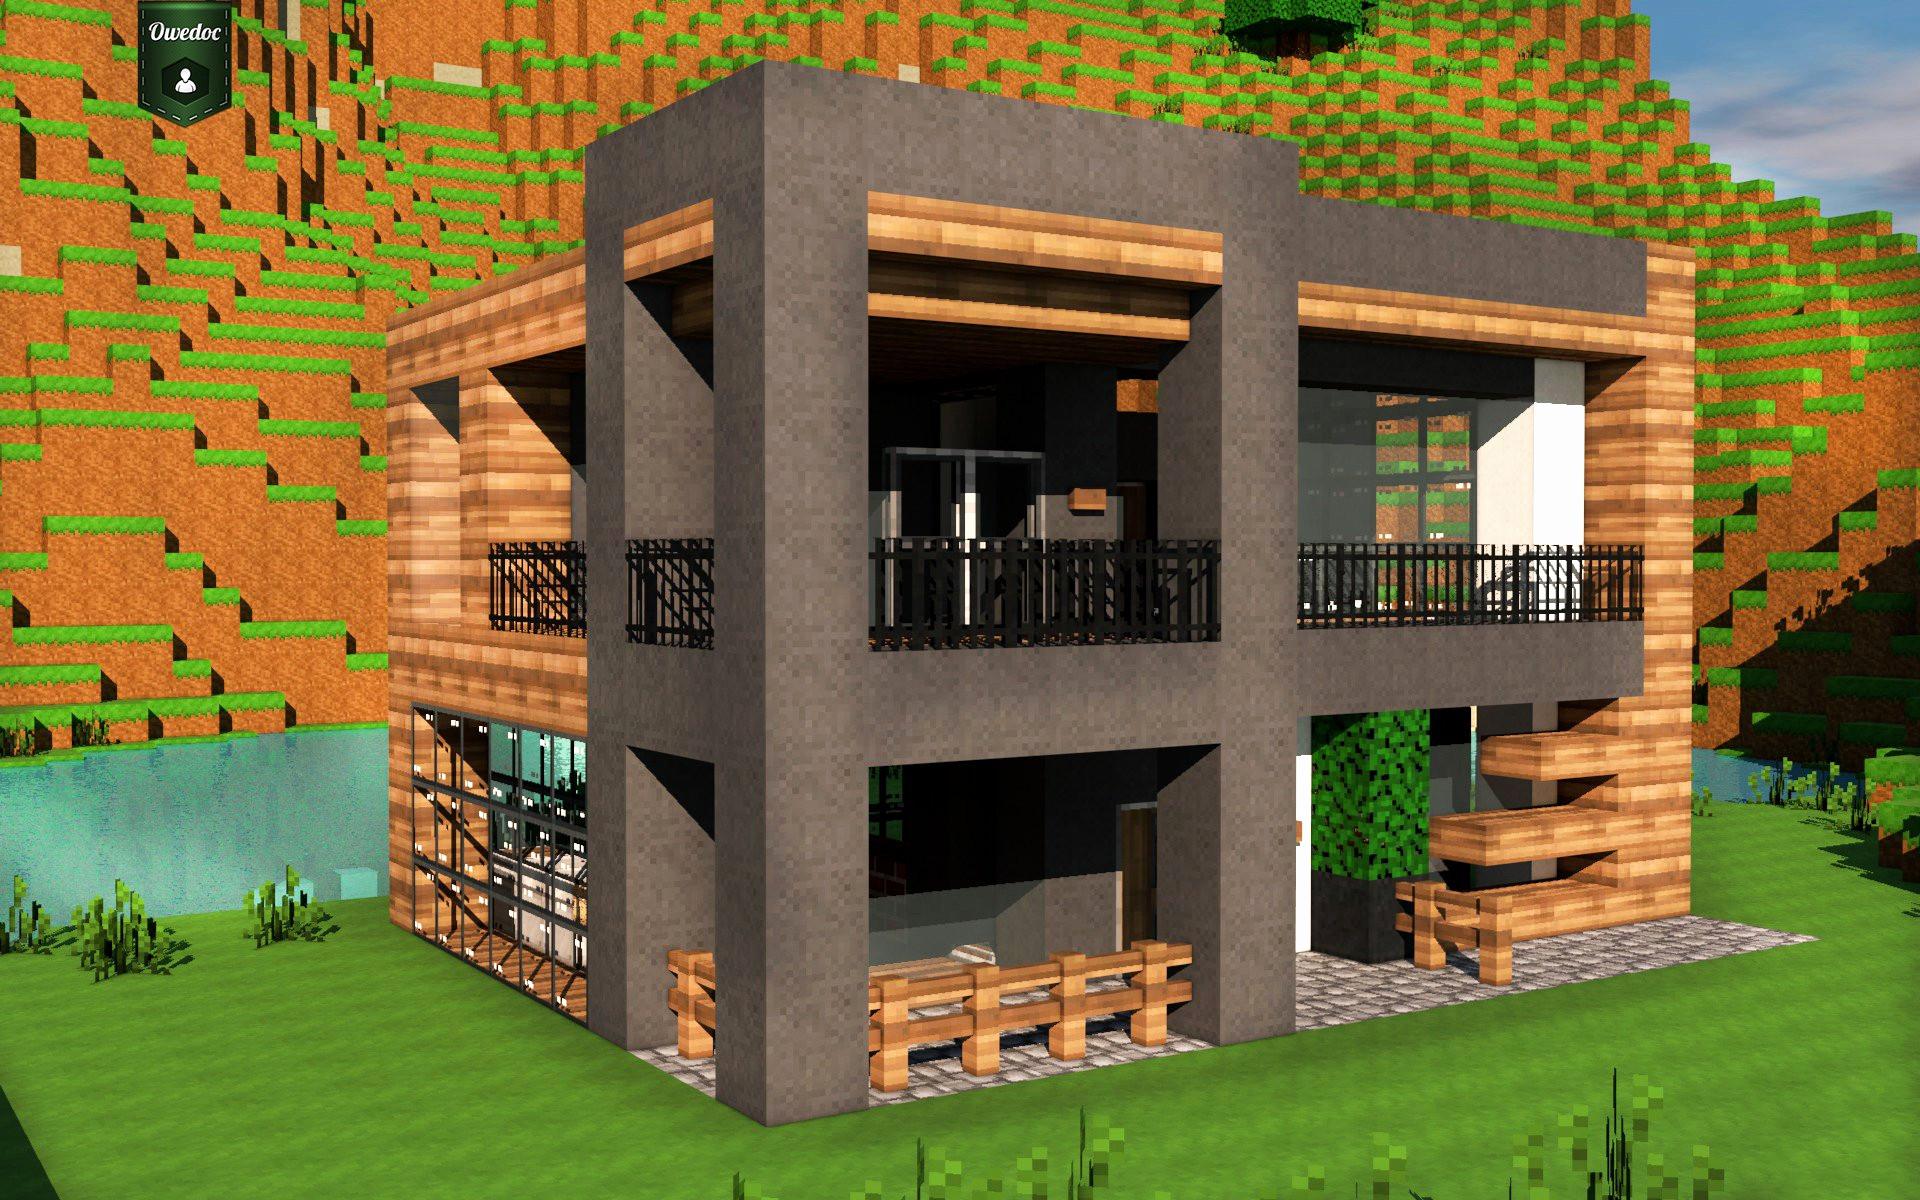 Minecraft Salle De Bain Unique Stock Plan Maison Moderne Minecraft Unique Ment Faire Une Belle Chambre